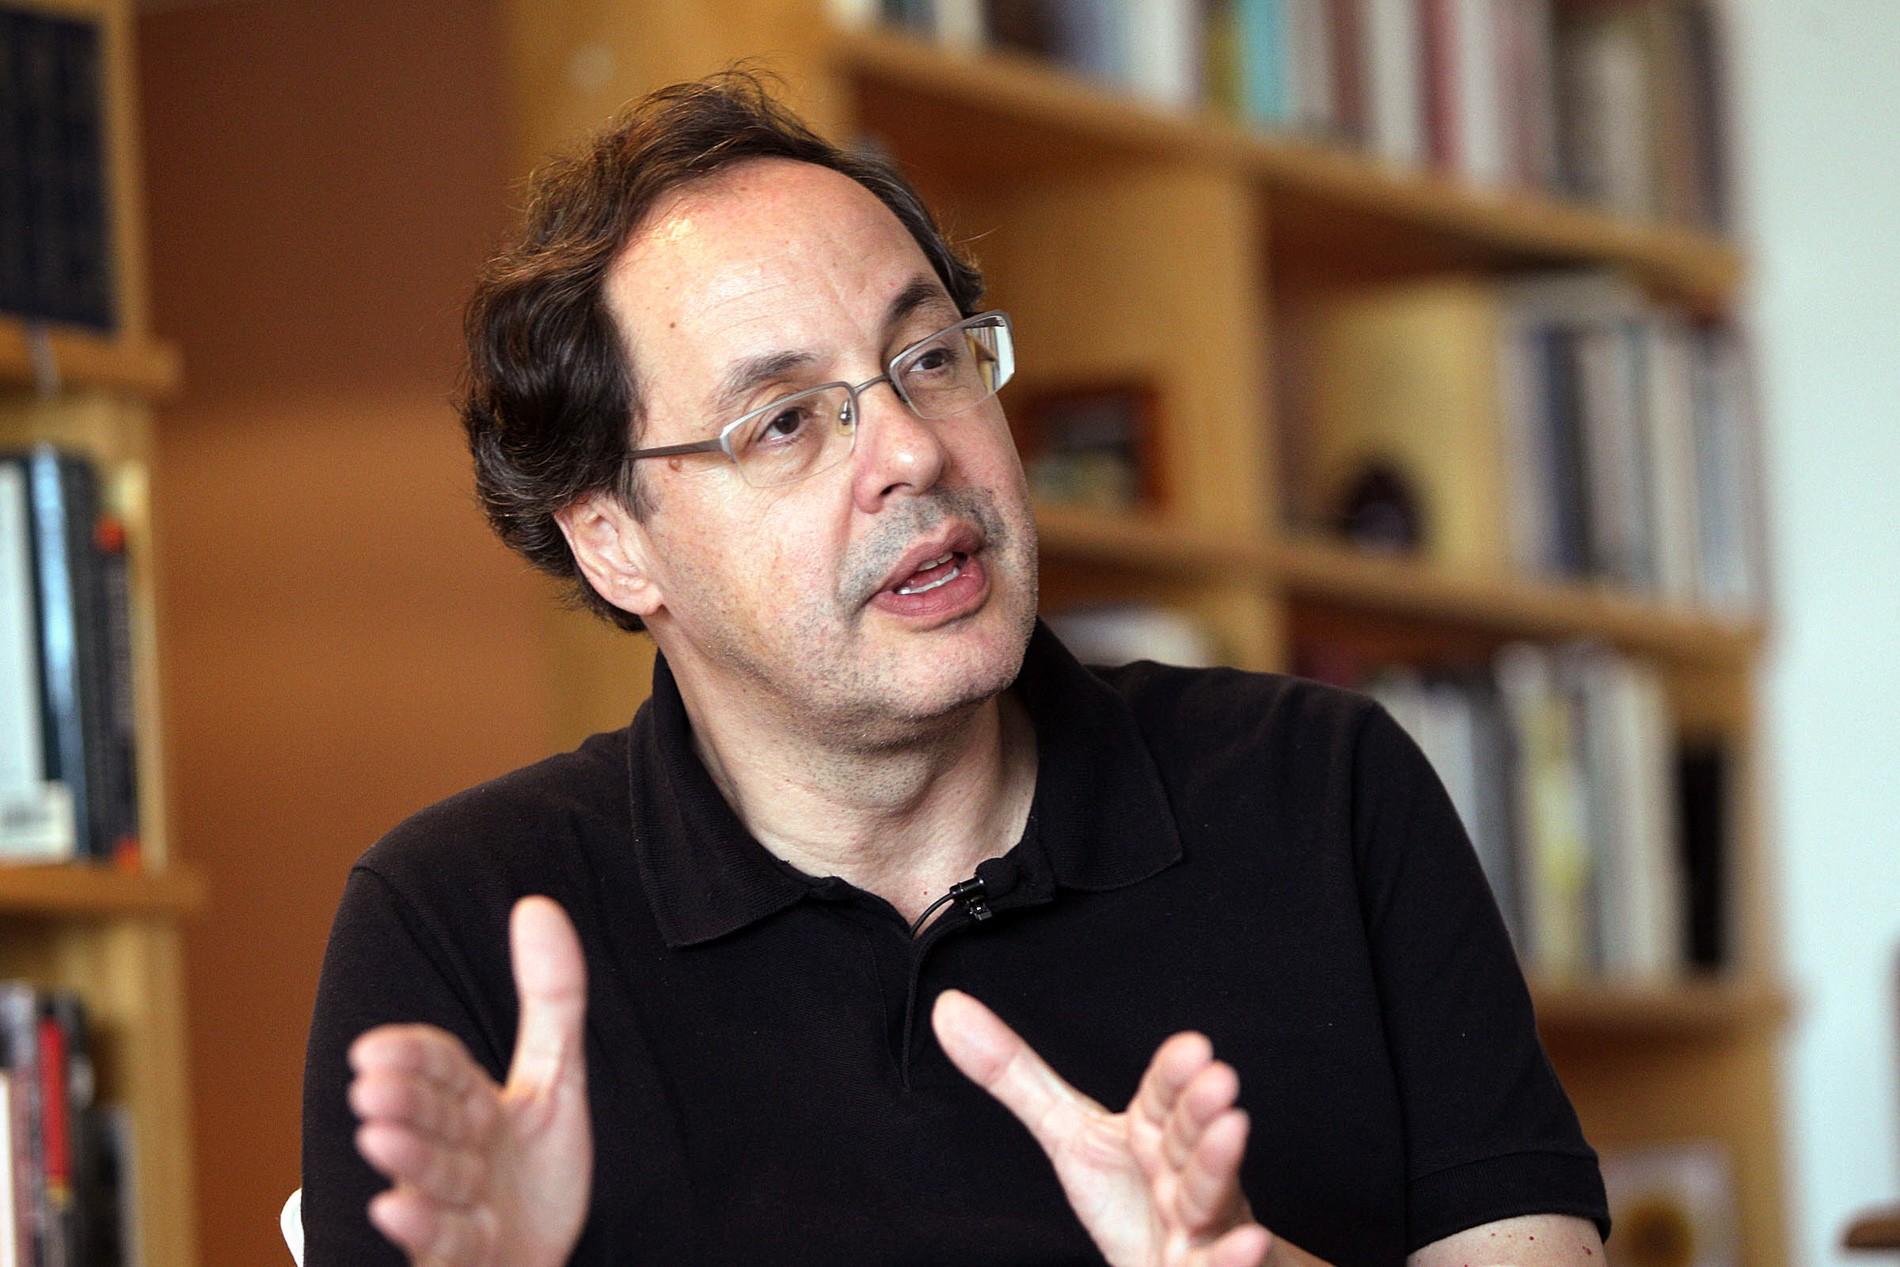 'Estado brasileiro concentra renda e terá de ser repensado', diz Eduardo Giannetti thumbnail